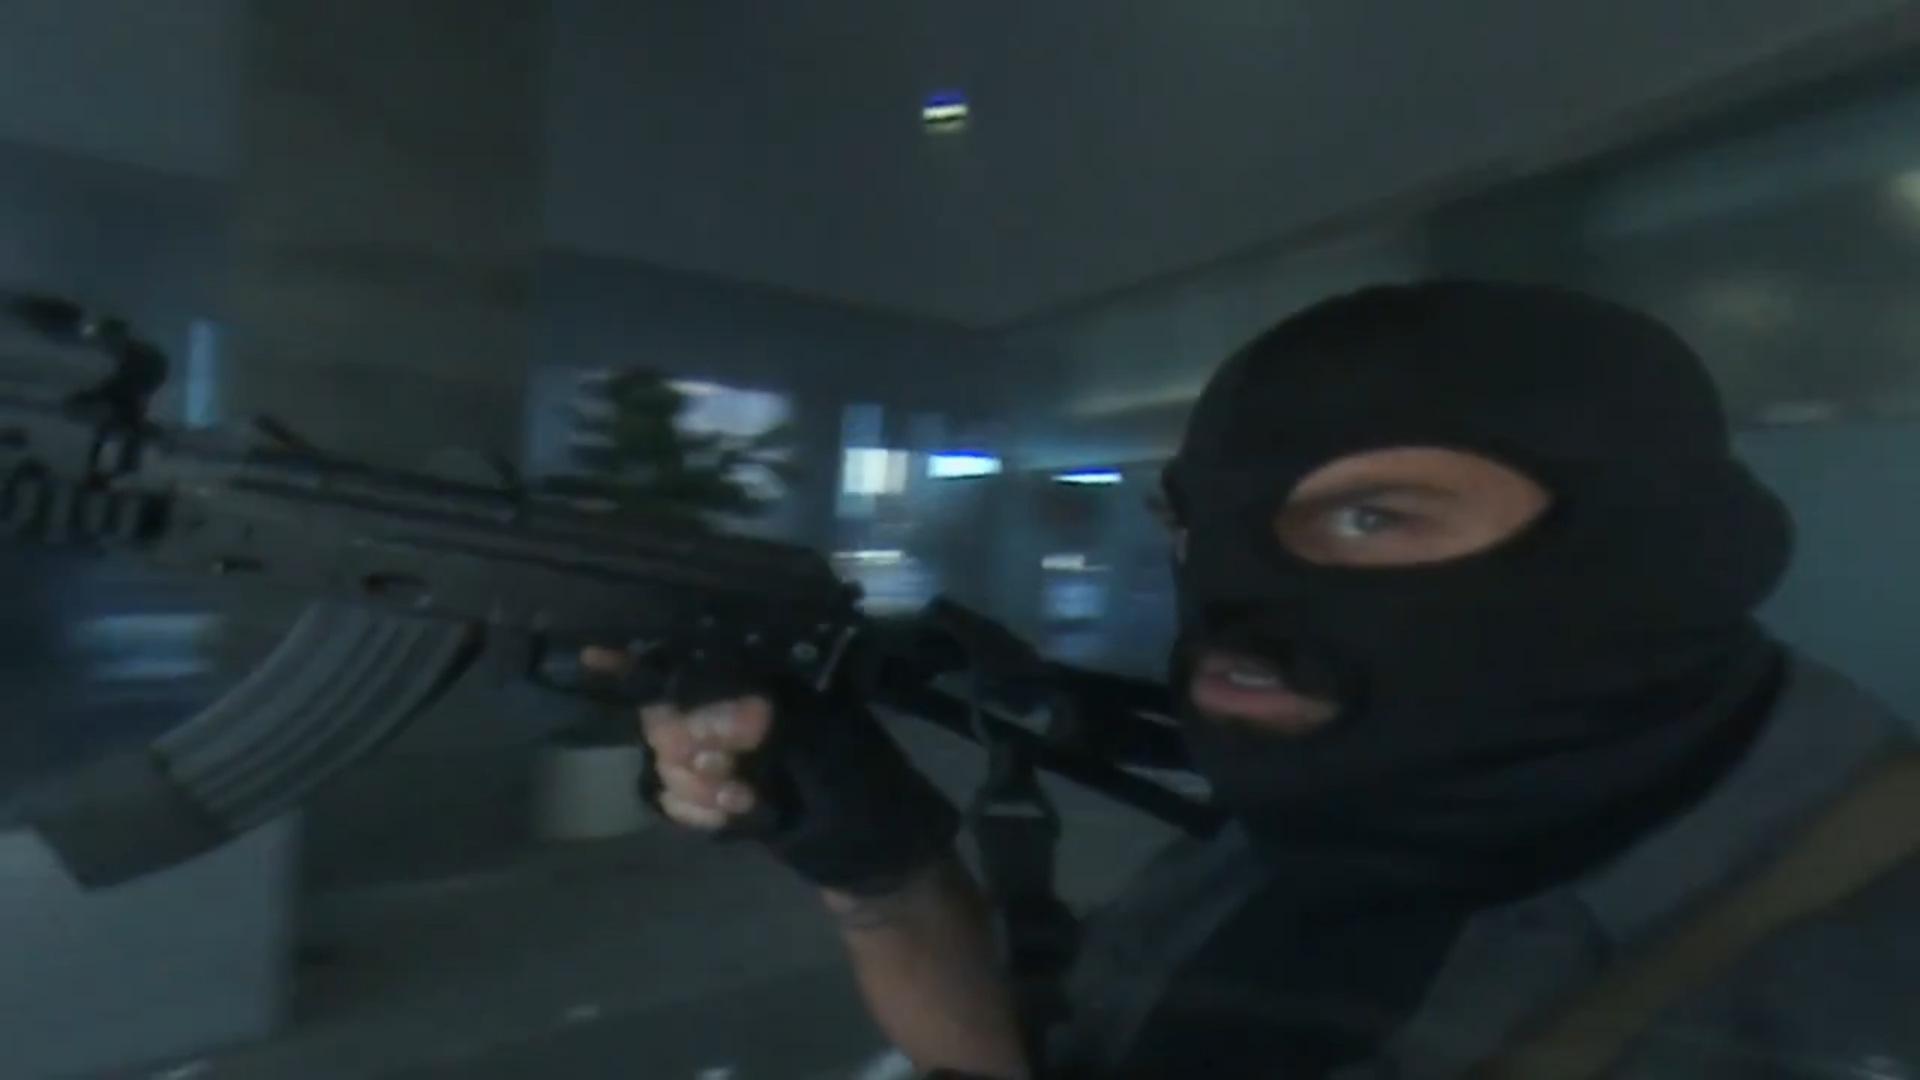 El Espectacular Trailer De Battlefield Hardline Con Actores Reales  # Bonjour Muebles